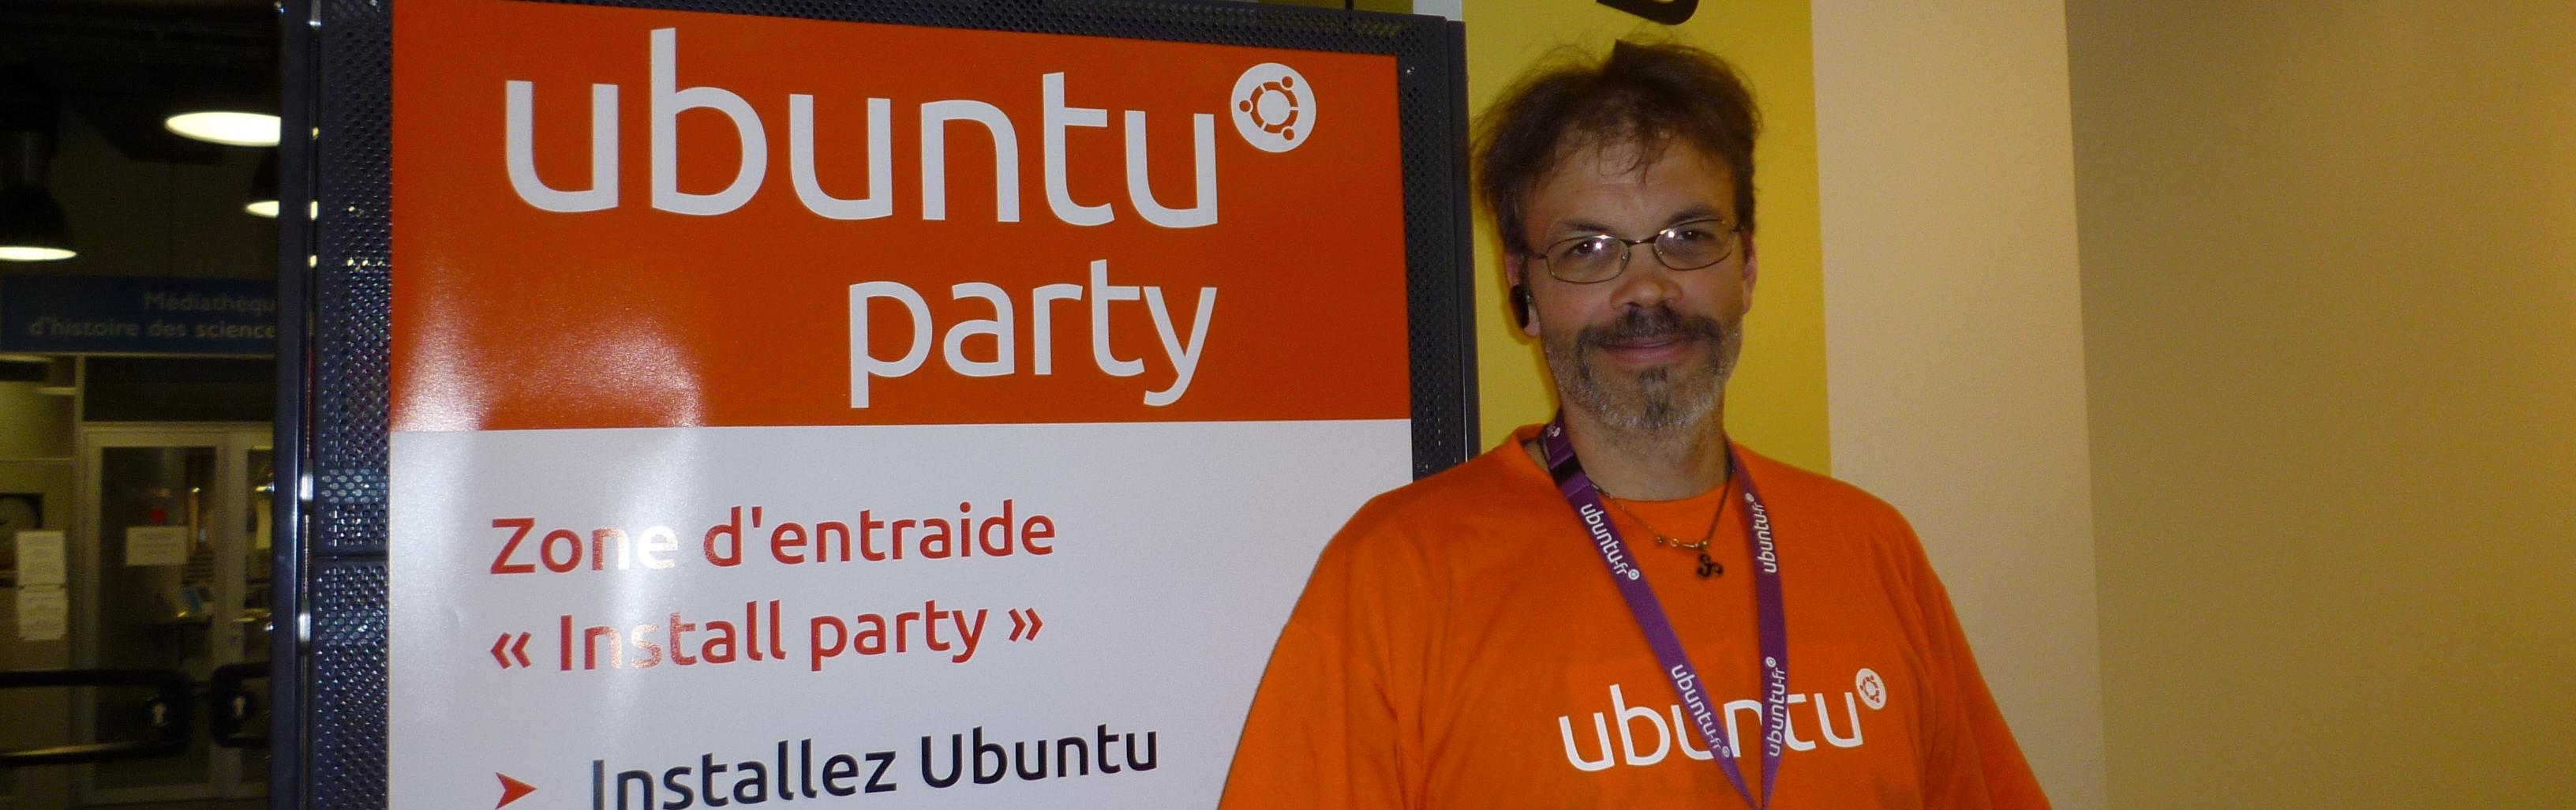 Pierre Pavard, vice-président de l'association Ubuntu-fr